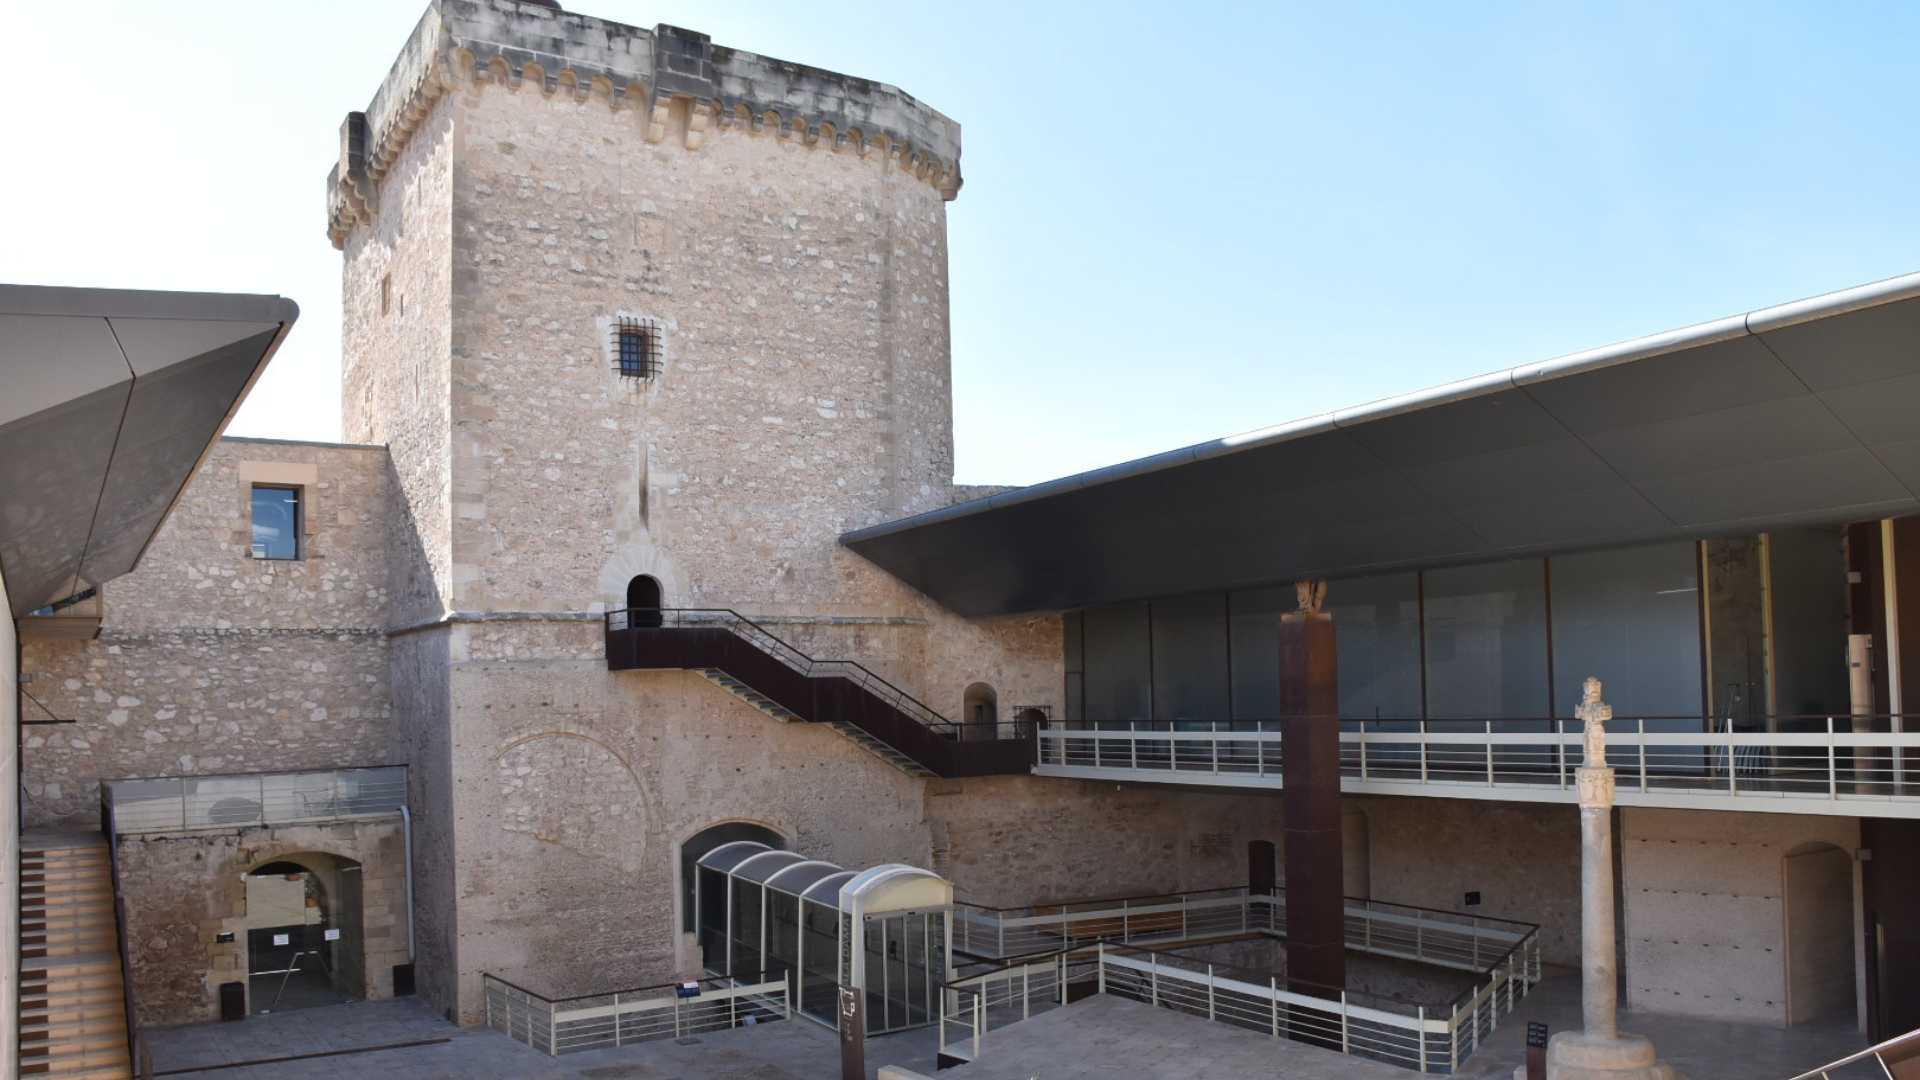 Museo Arqueológico y de Historia de Elche (MAHE)